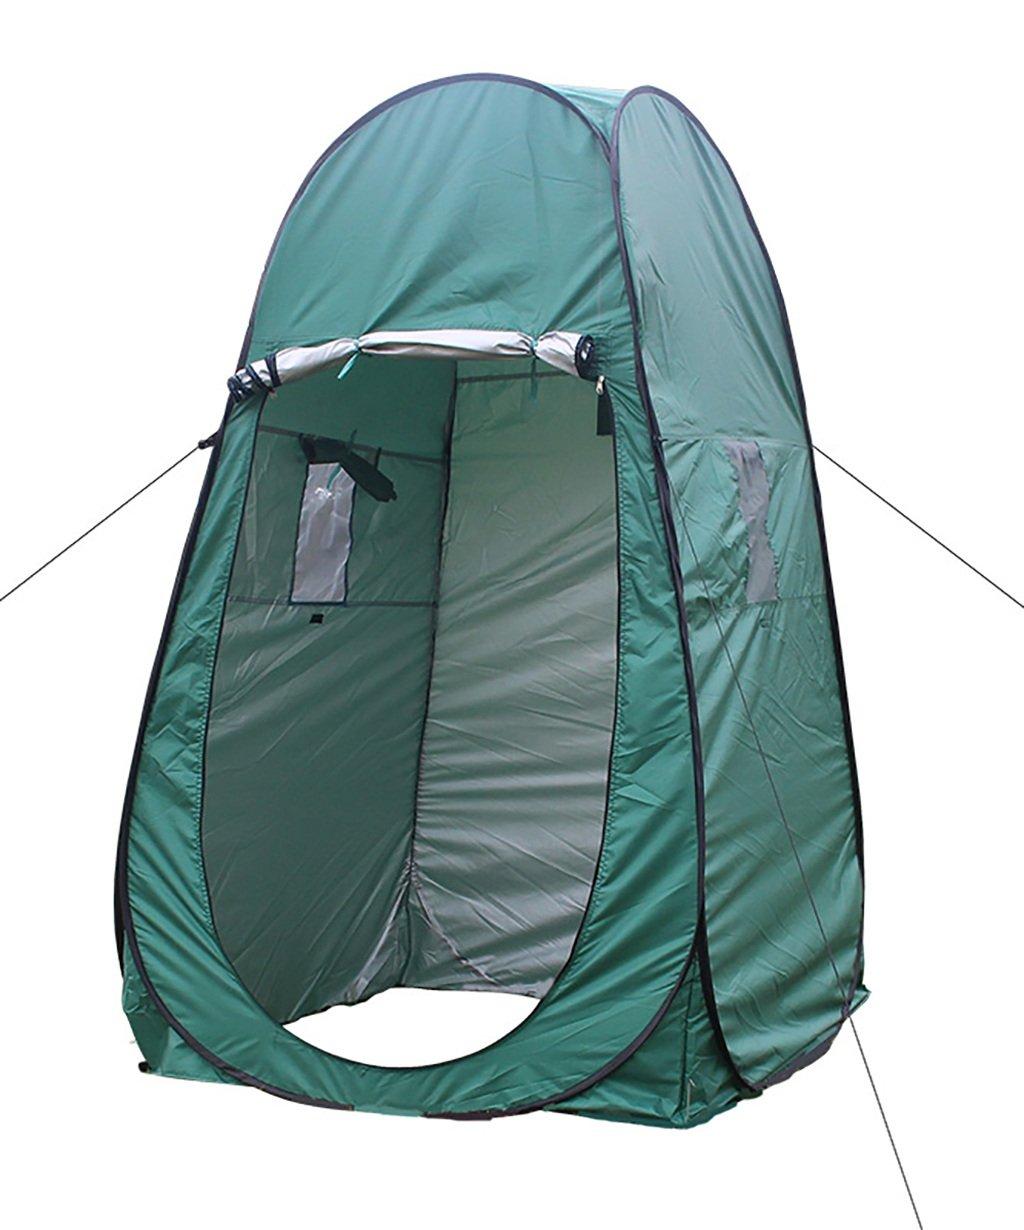 HAIPENG Outdoor Umzug Kleidung Zelt Strand Camping Portable Move Bad Toilette Zelt Grün Und Blau (Farbe : Grün, größe : 120  120  195cm)